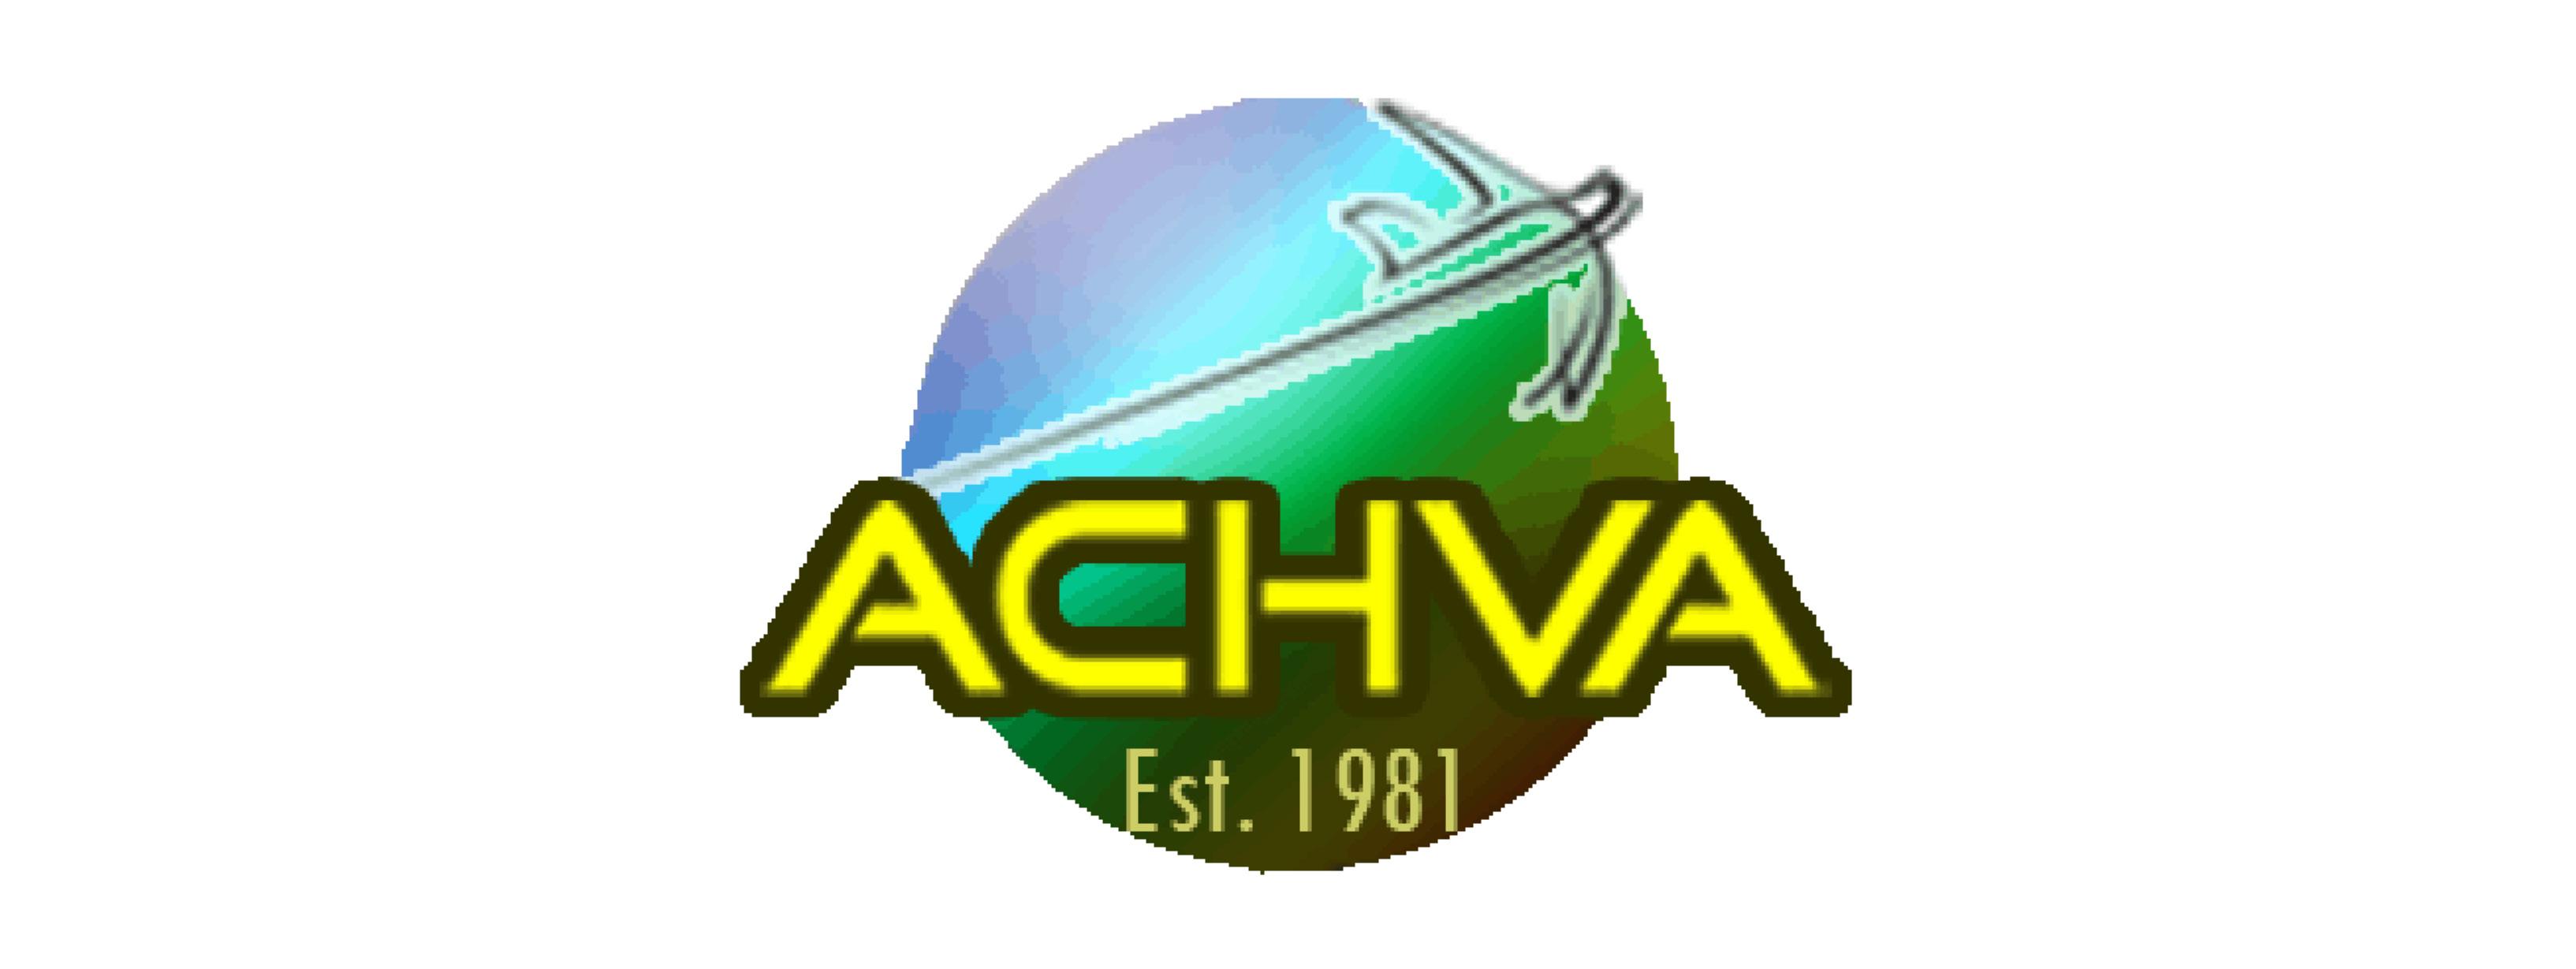 ACHVA